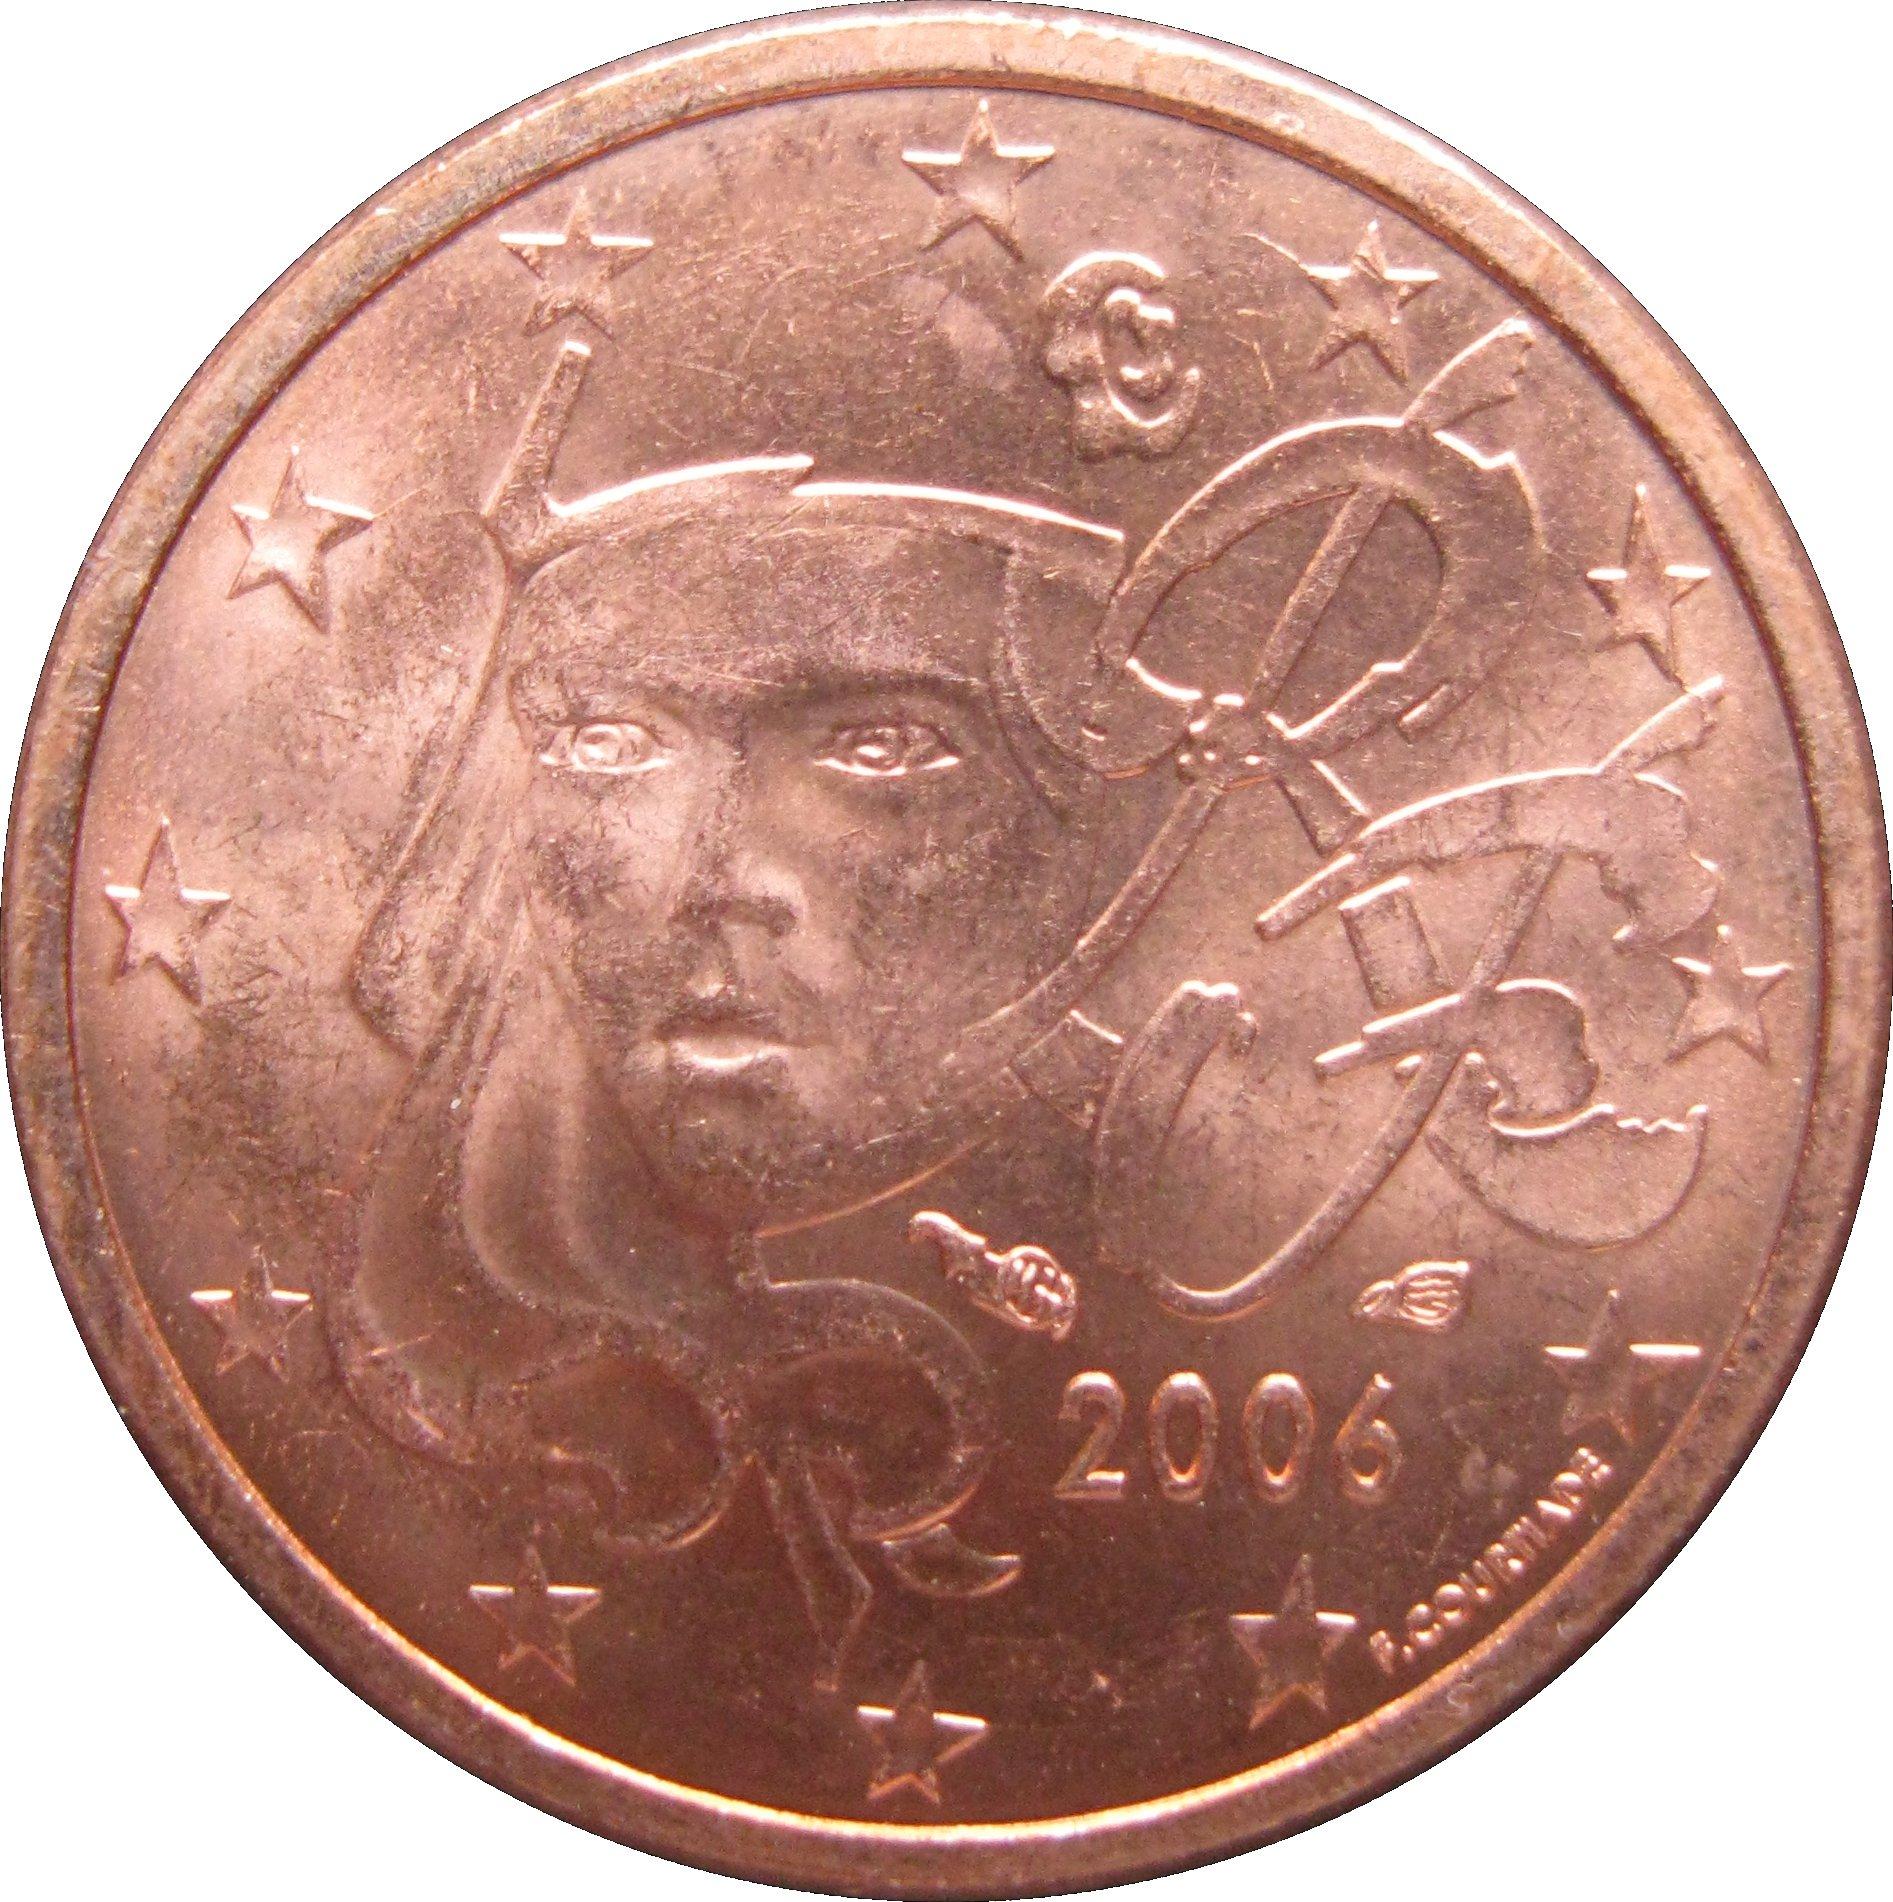 1 euro 2003 года цена где можно продать старые